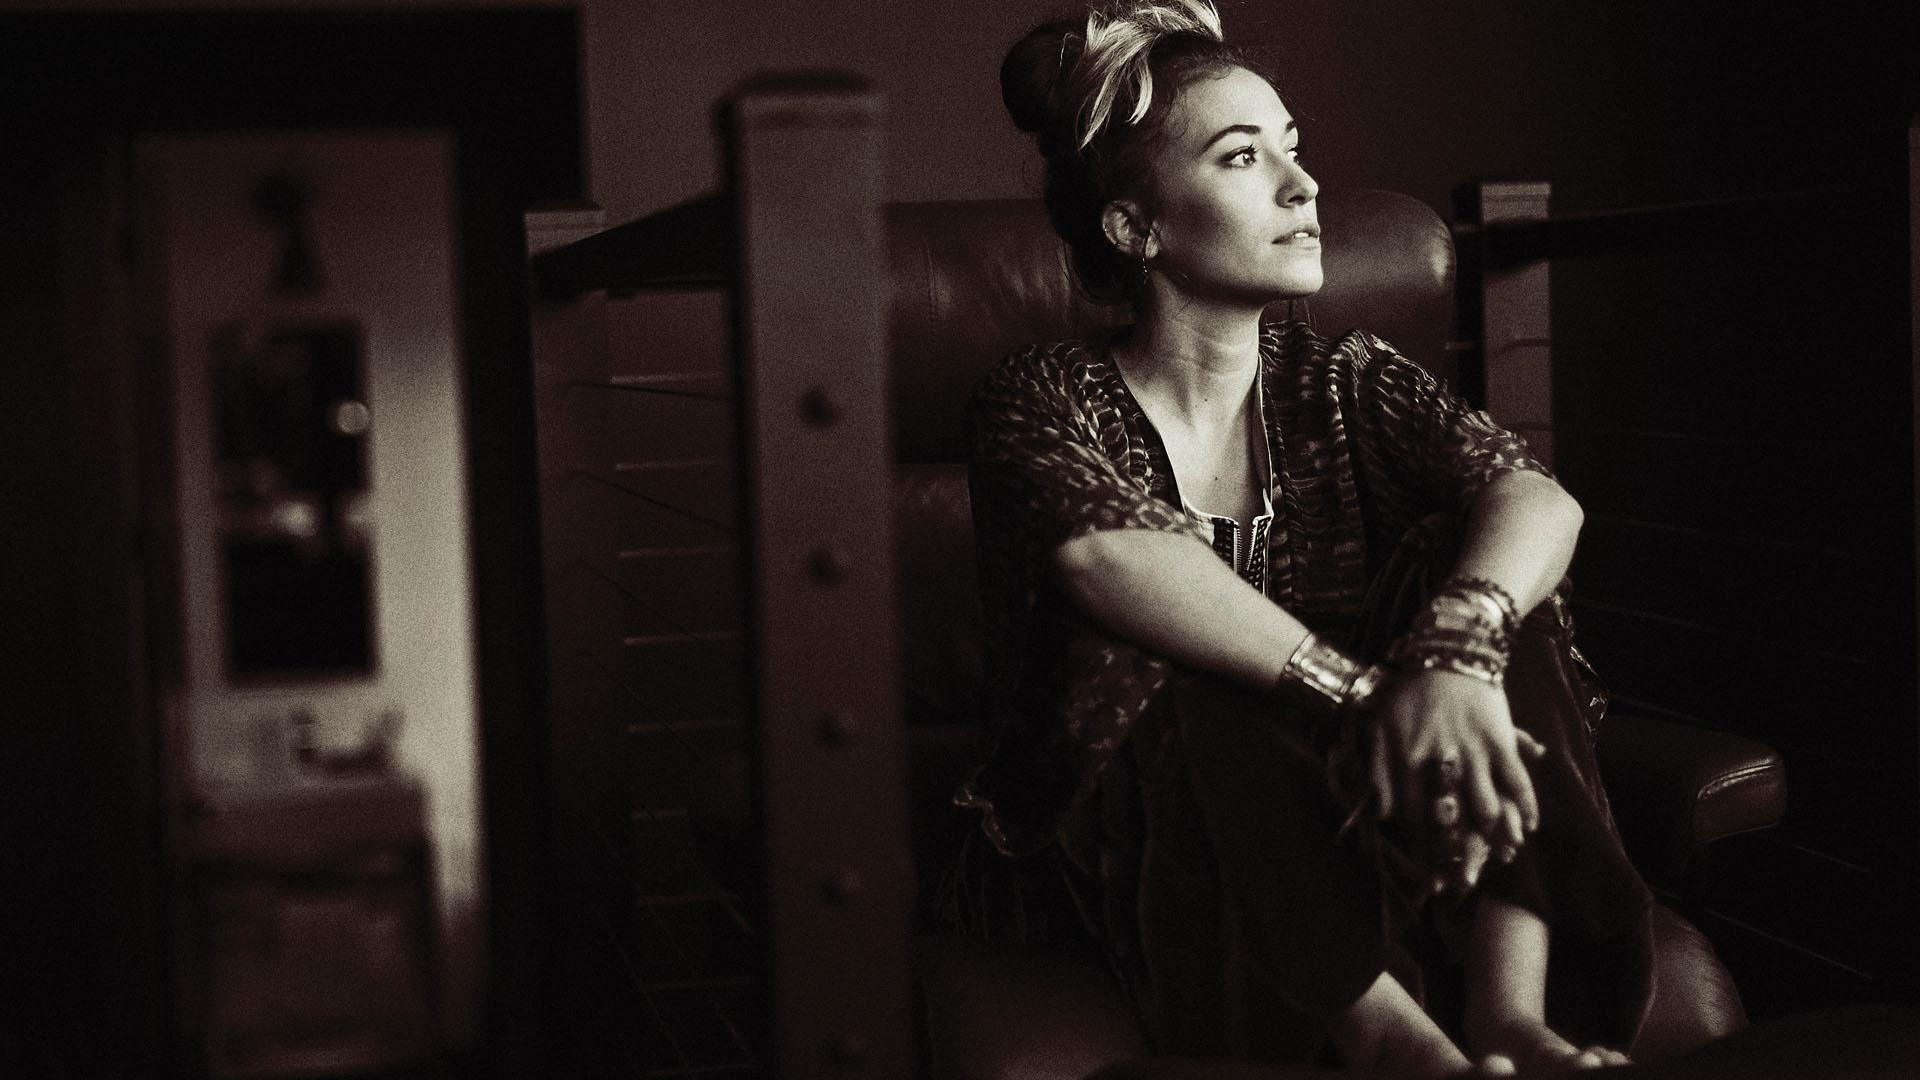 Die Sängerin möchte mit ihrer Musik Hoffnung verbreiten